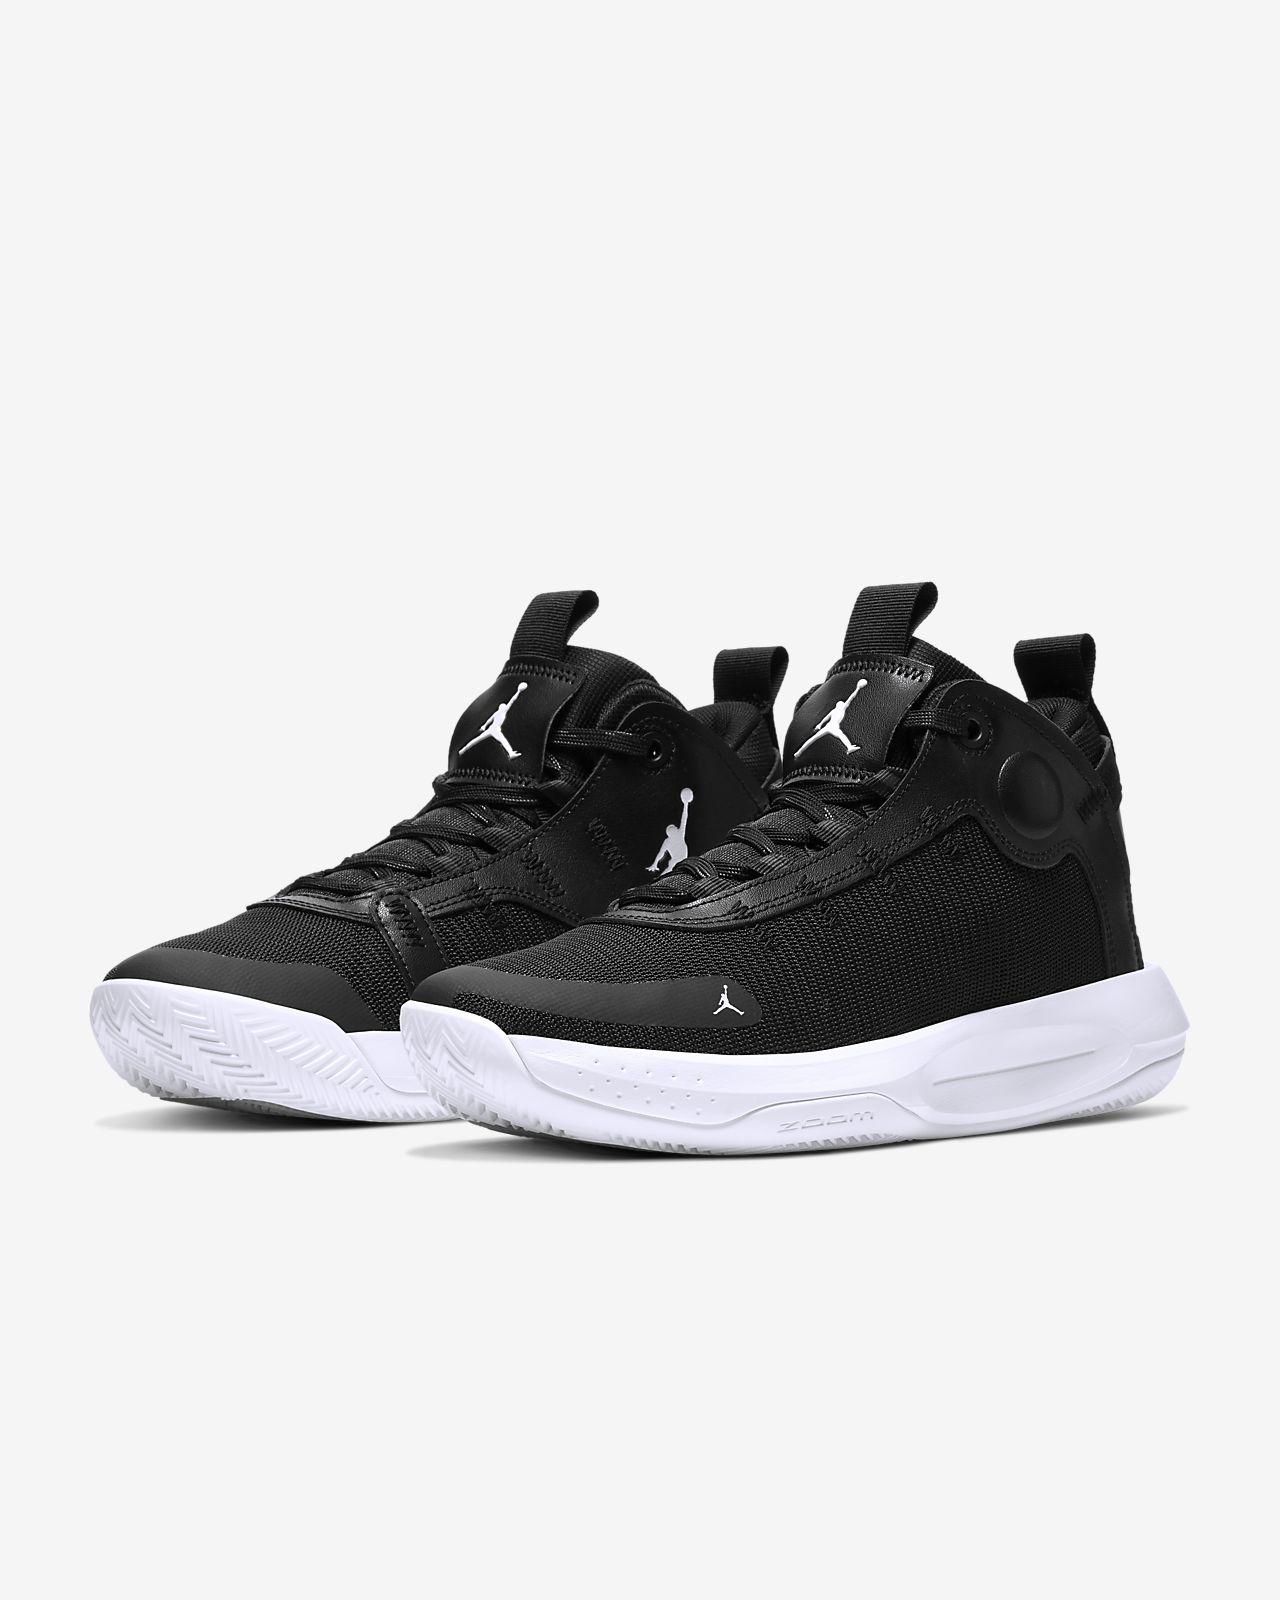 Chaussure de basketball Jordan Jumpman 2020 pour Homme